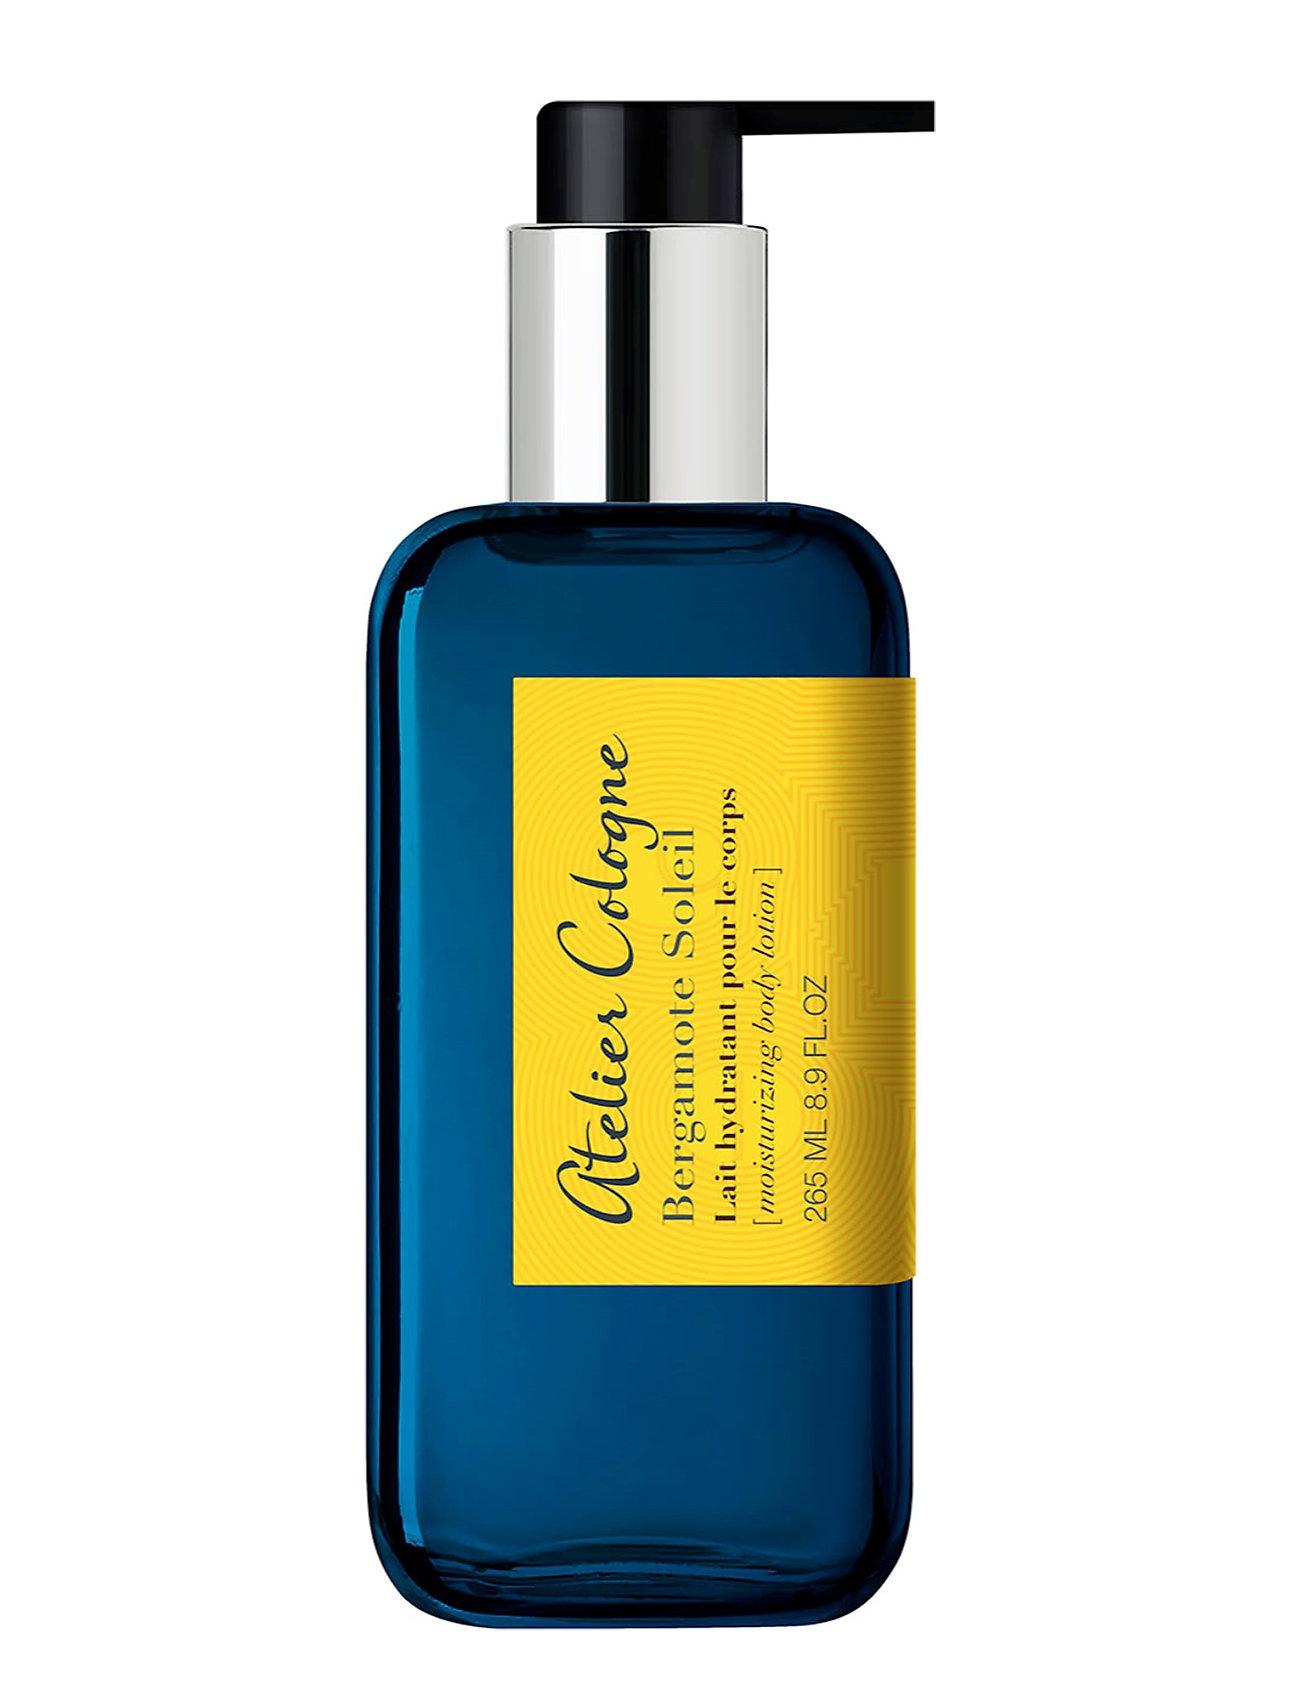 atelier cologne Bergamote soleil body lotion 265 ml på boozt.com dk